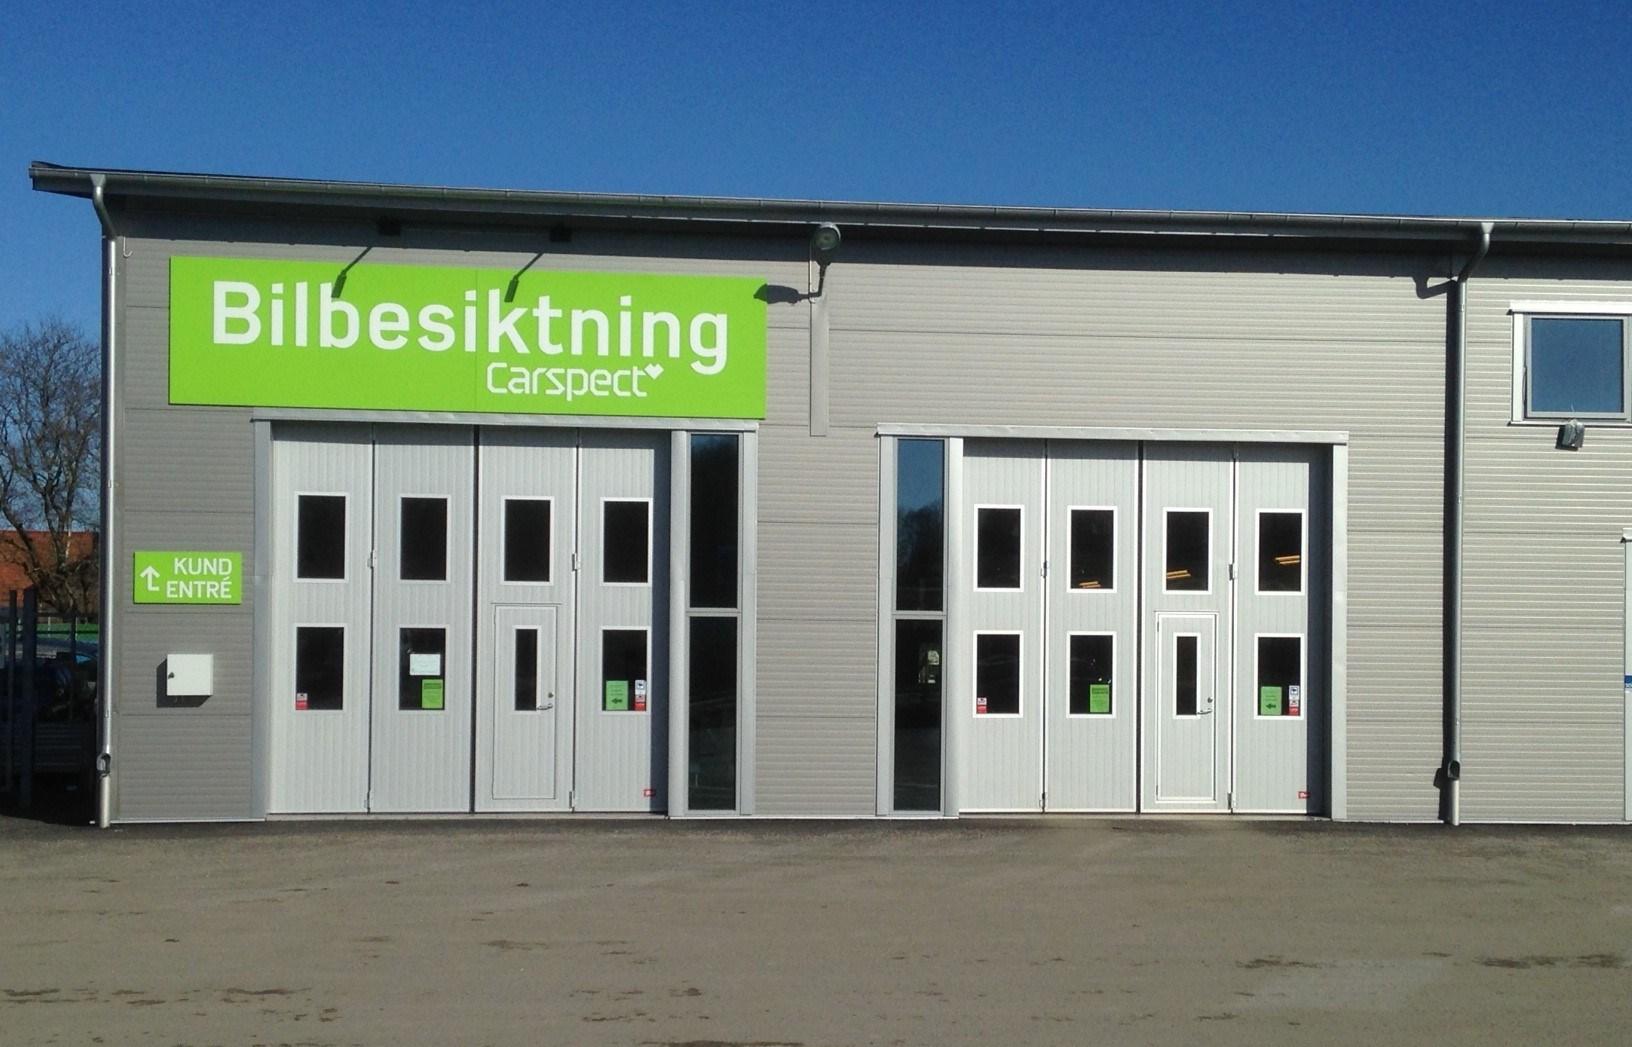 Carspects besiktningsstation i Alingsås Tomtered